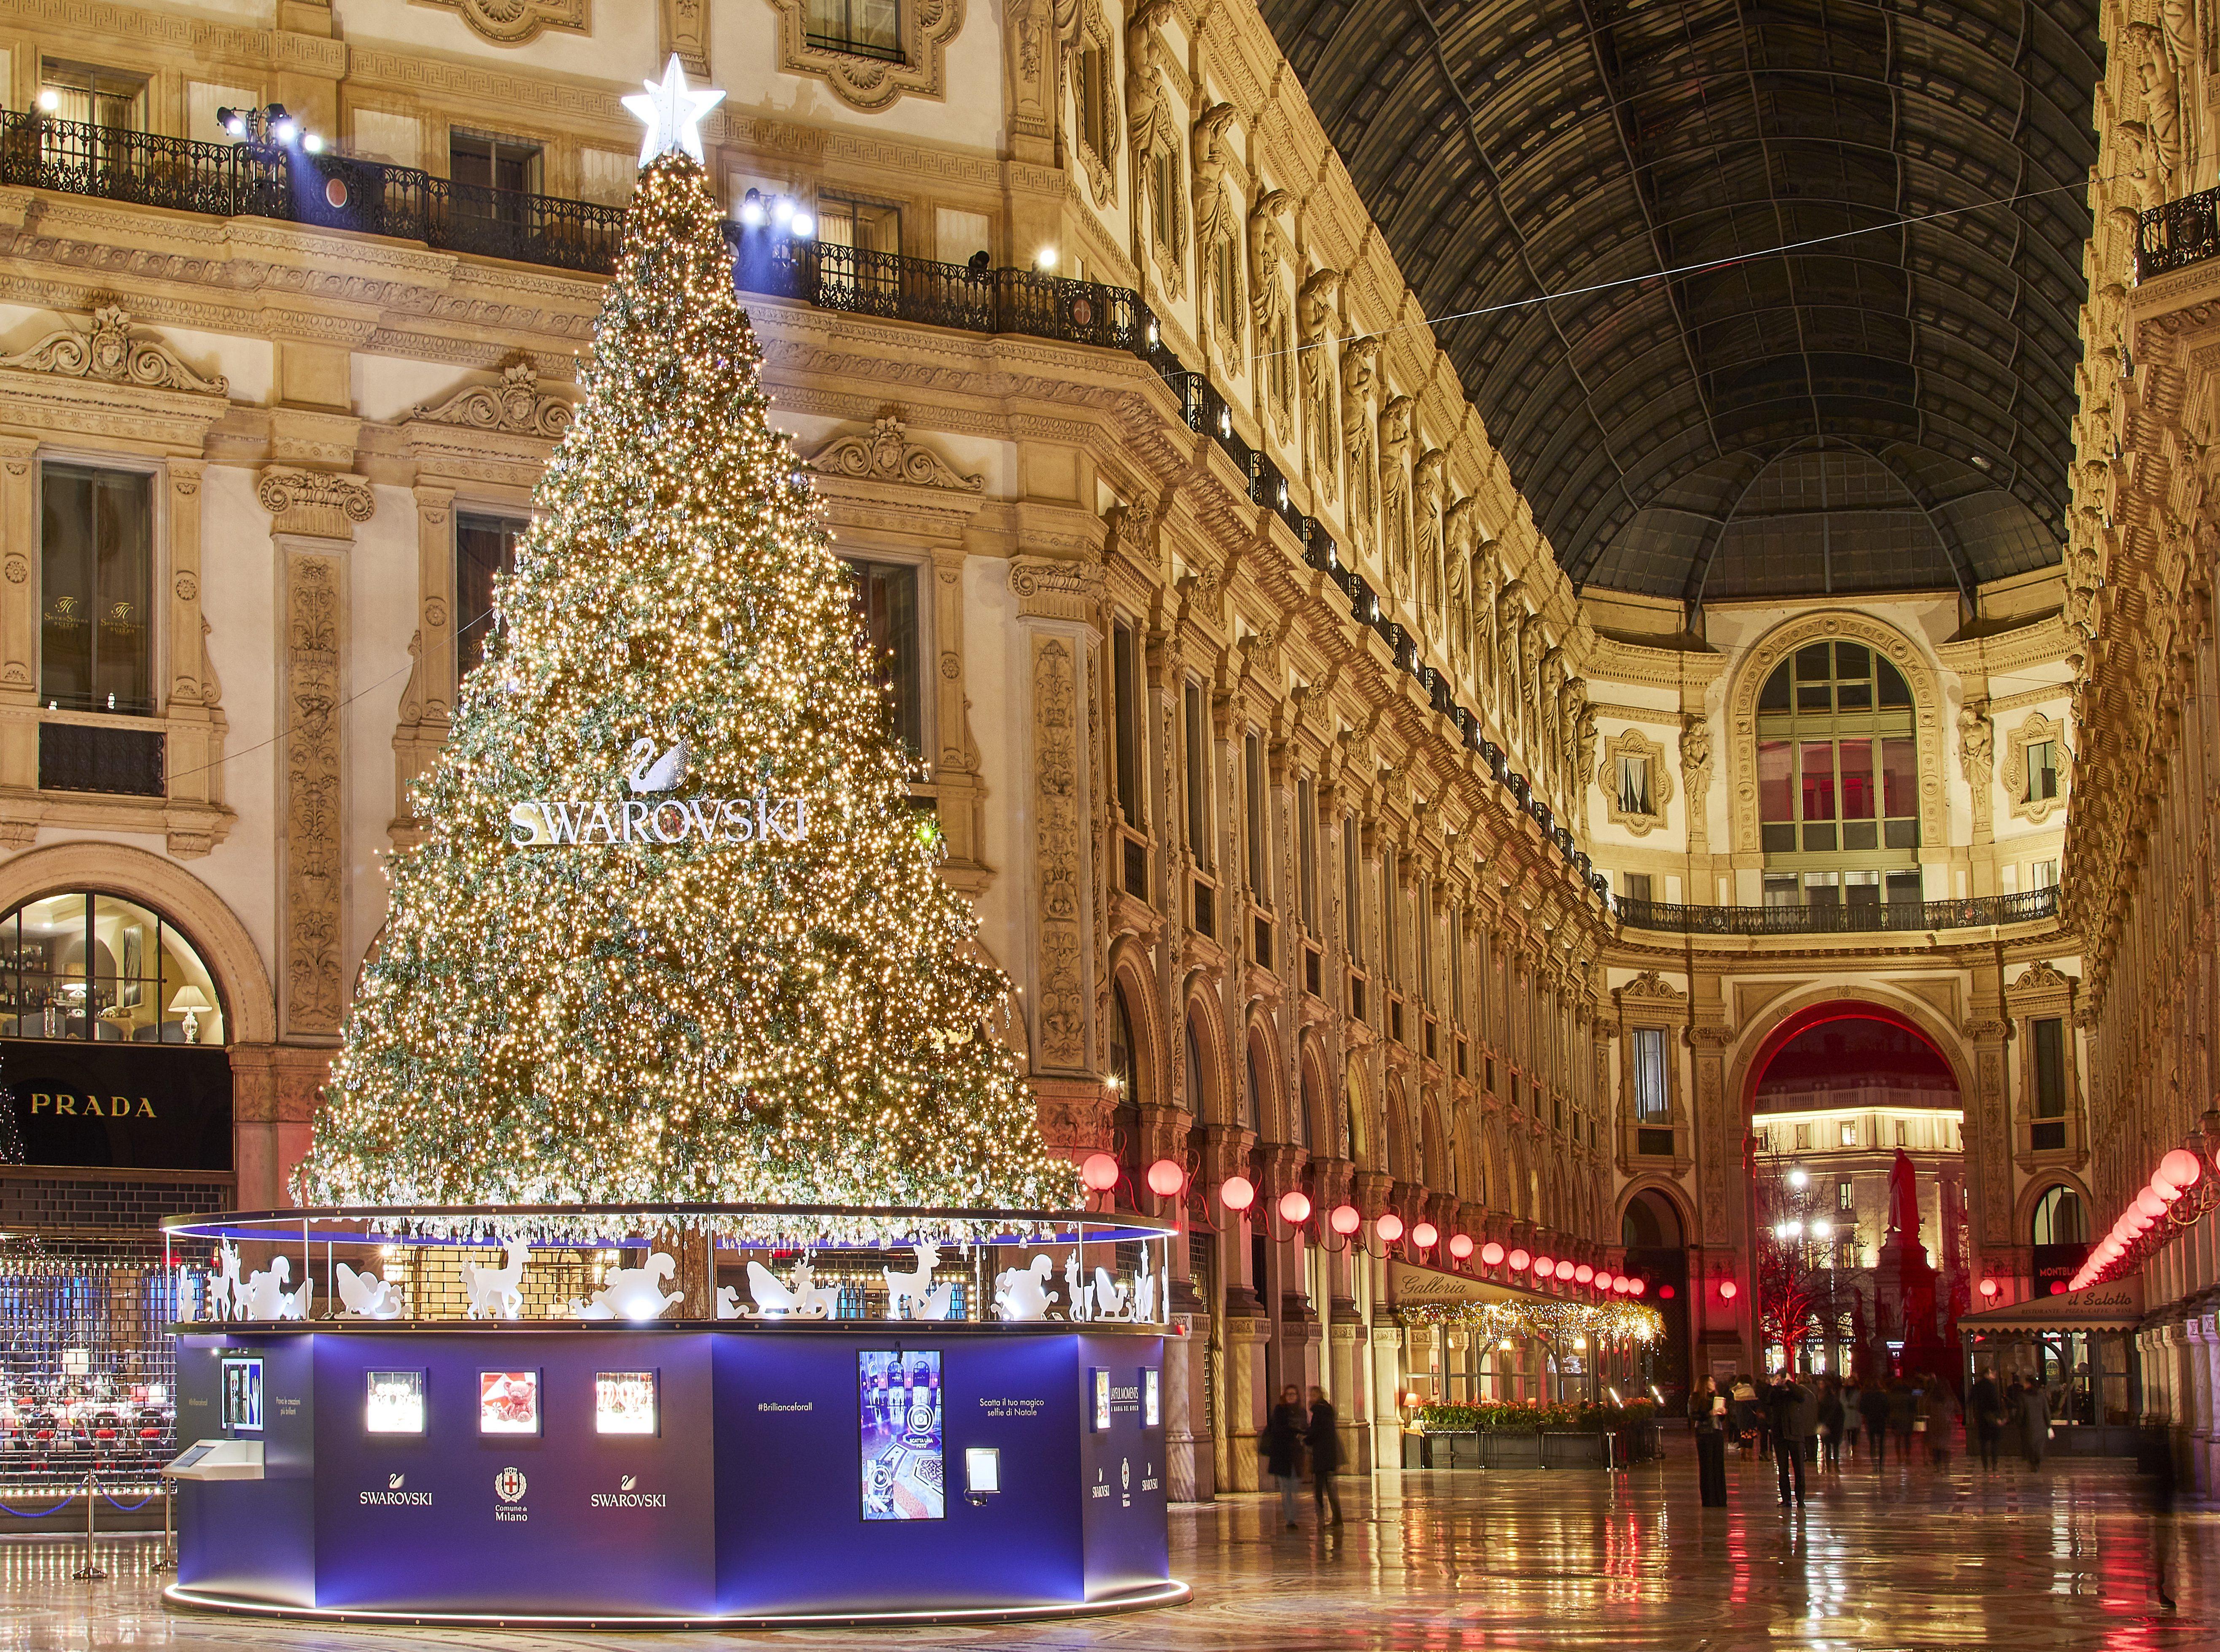 Albero Di Natale Milano.Milano Belen Rodriguez Accende L Albero Di Natale Swarovski La Cerimonia Martedi 4 Dicembre